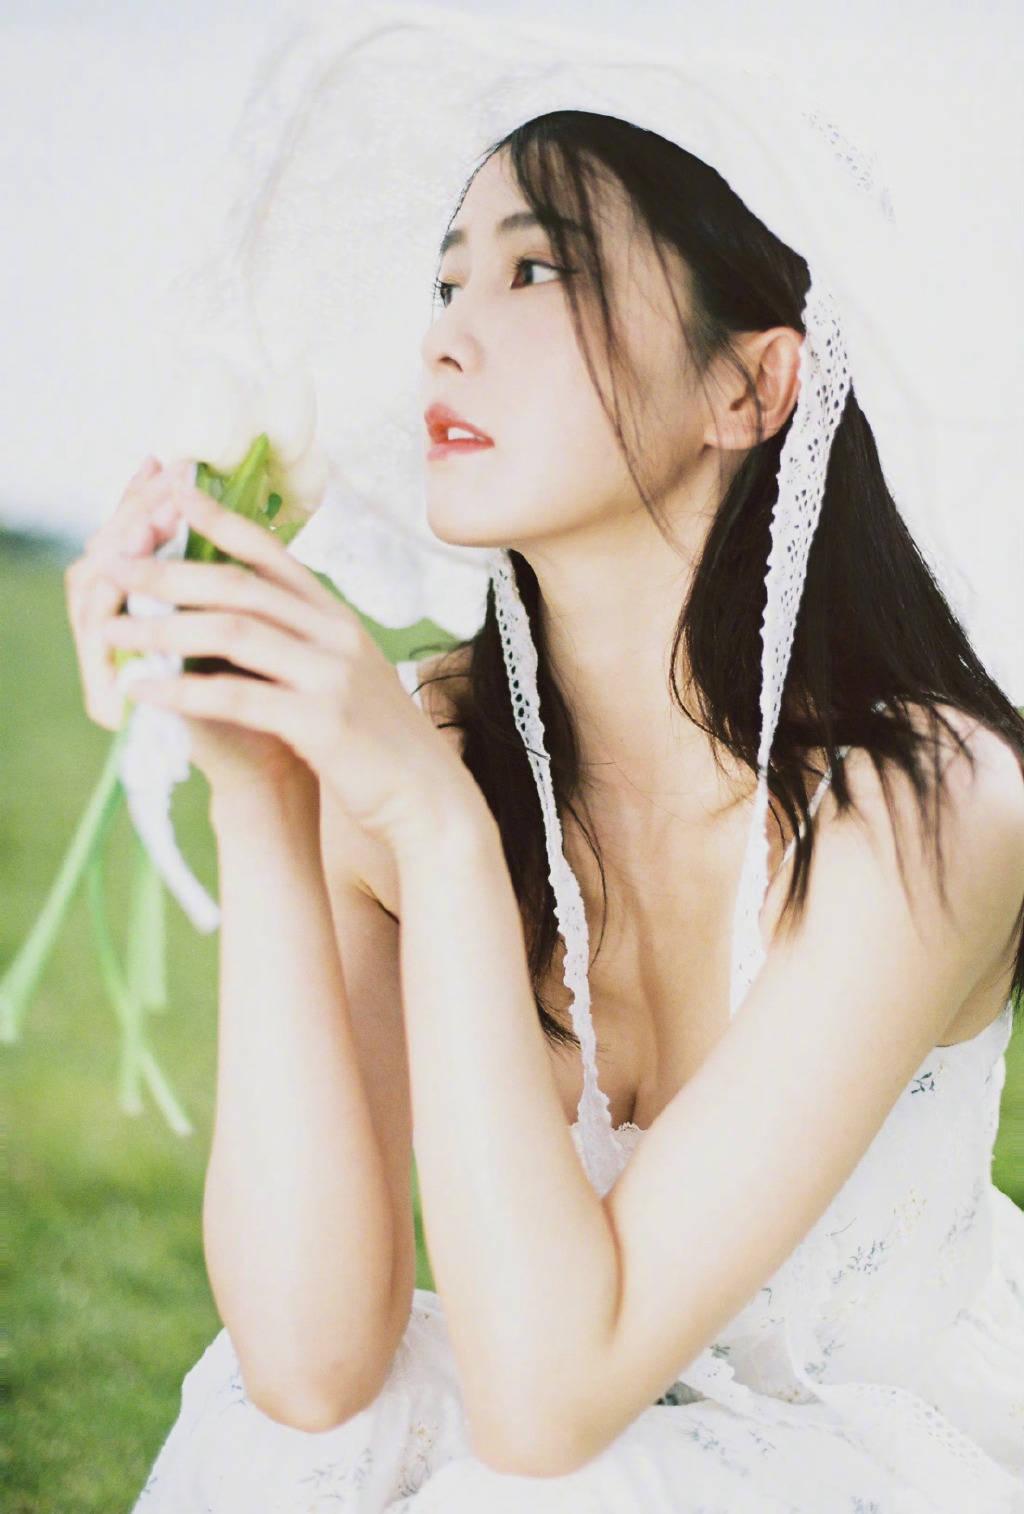 Bạch Lộc hóa 'nai trắng', khoe vẻ đẹp tinh khôi trong bộ ảnh mới 4